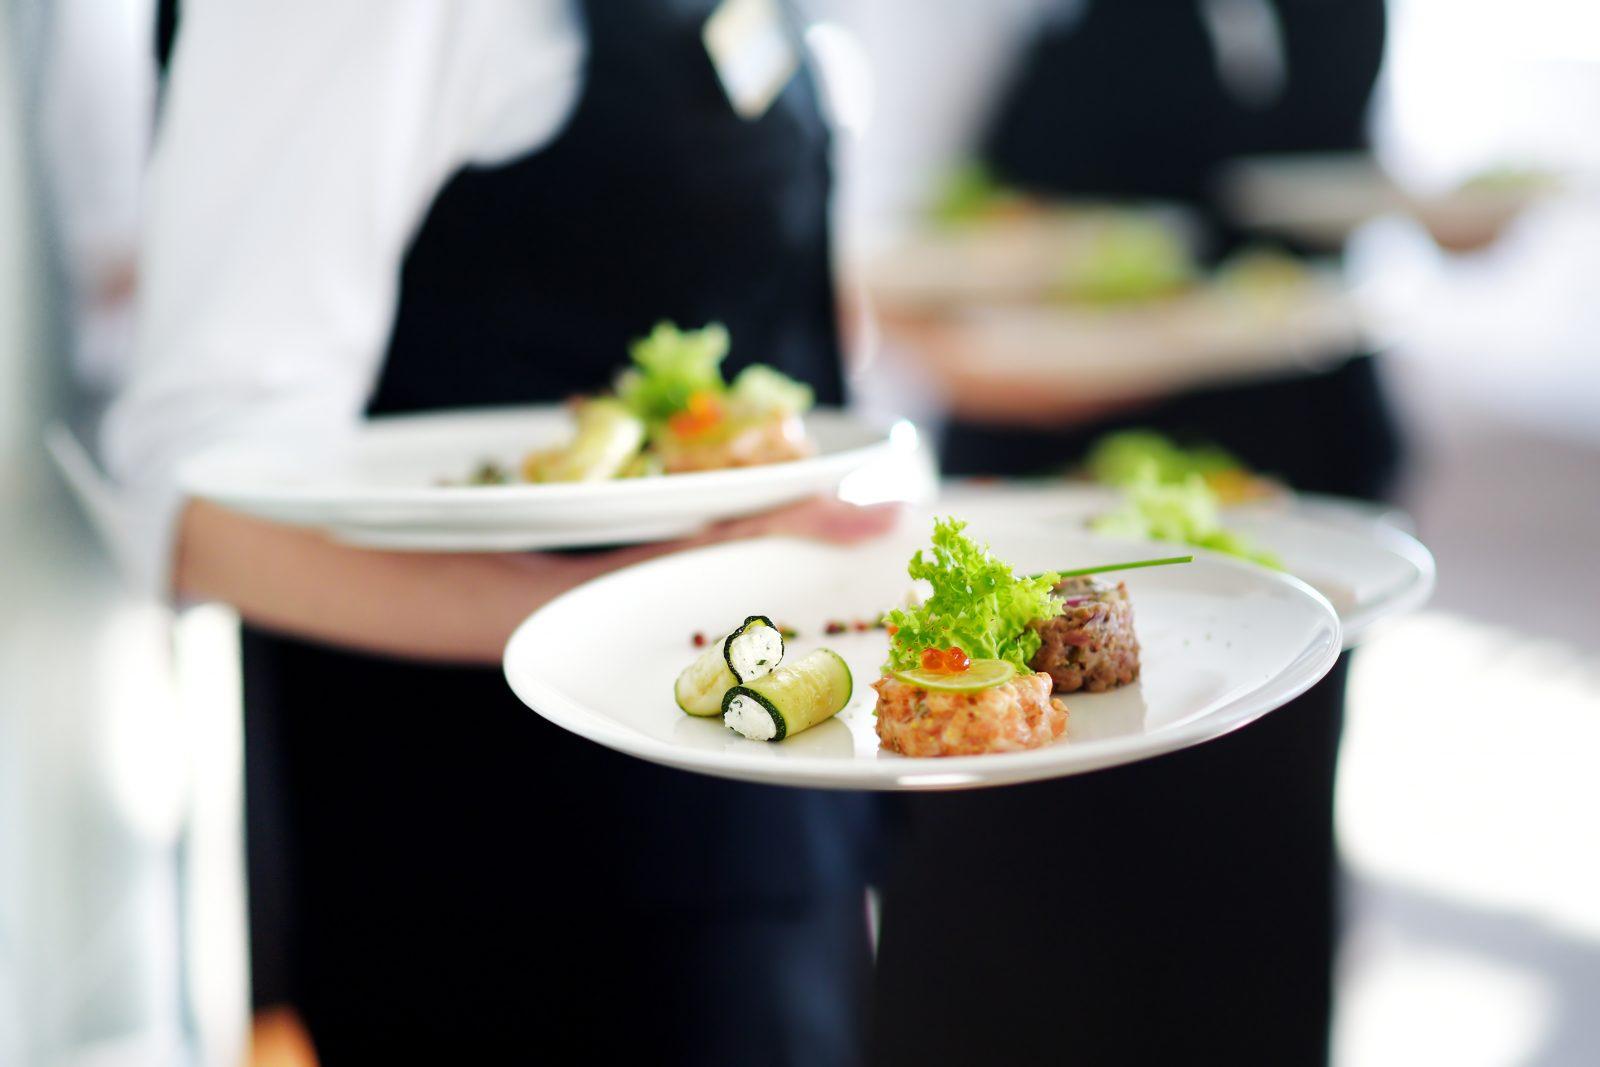 Gastronomie und Hotellerie - Verhalten während der Pandemie